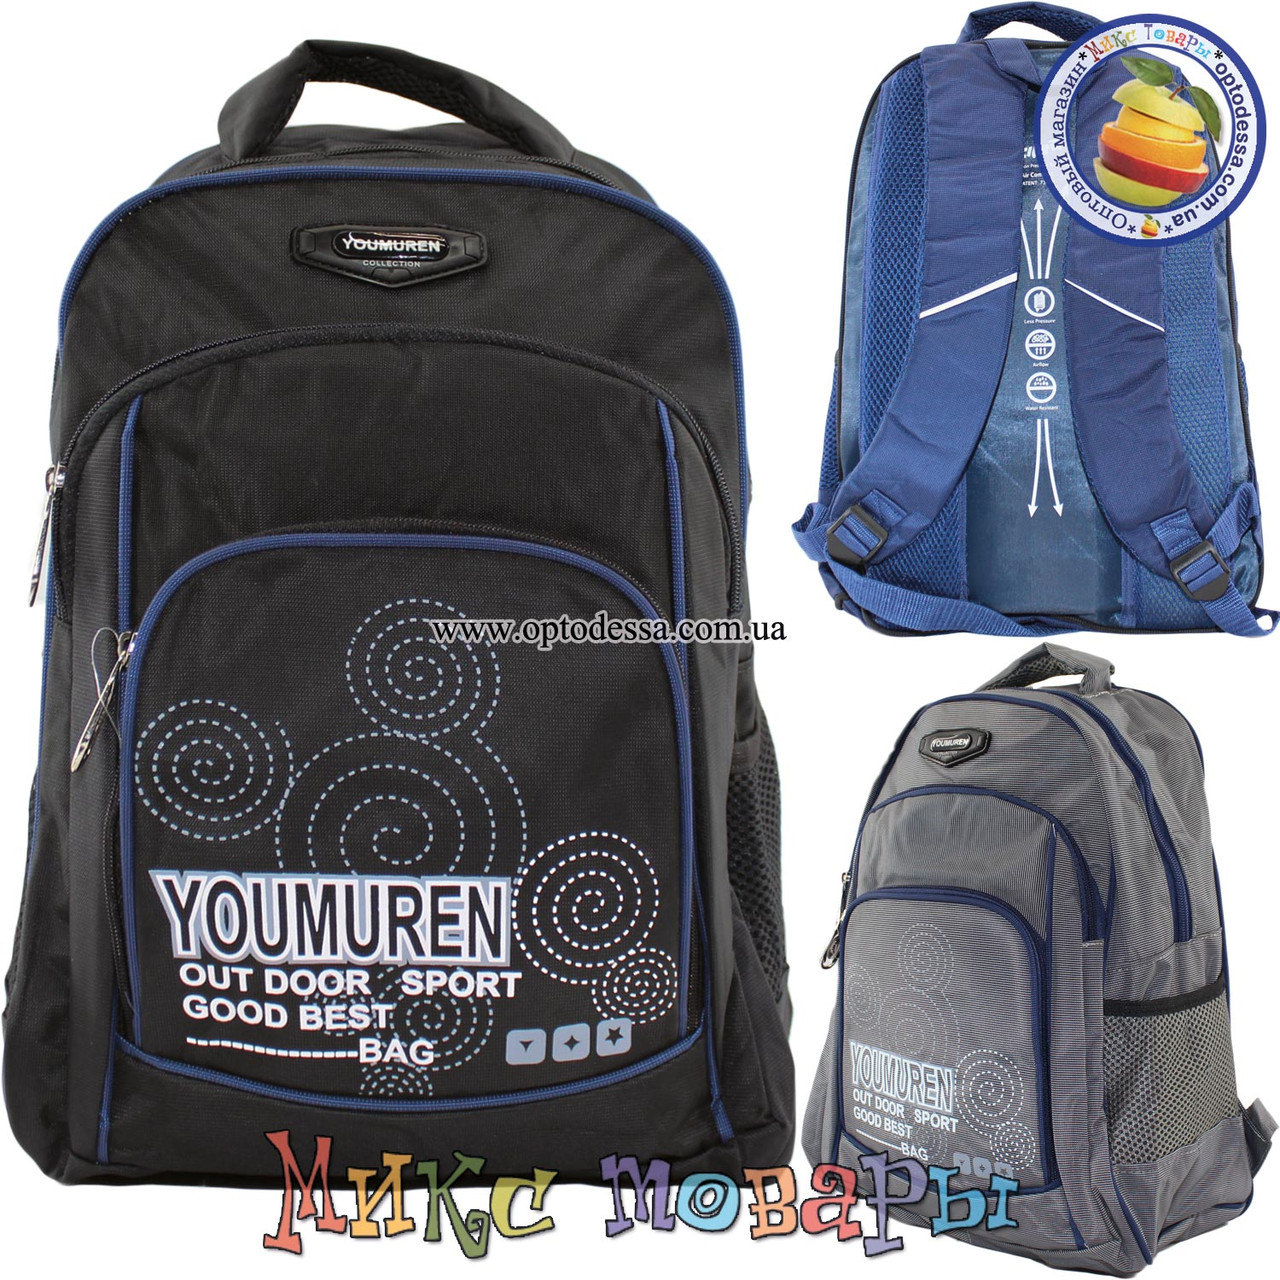 Купить спортивный рюкзак для мальчика выкройка рюкзака из джинса для дочки своими руками